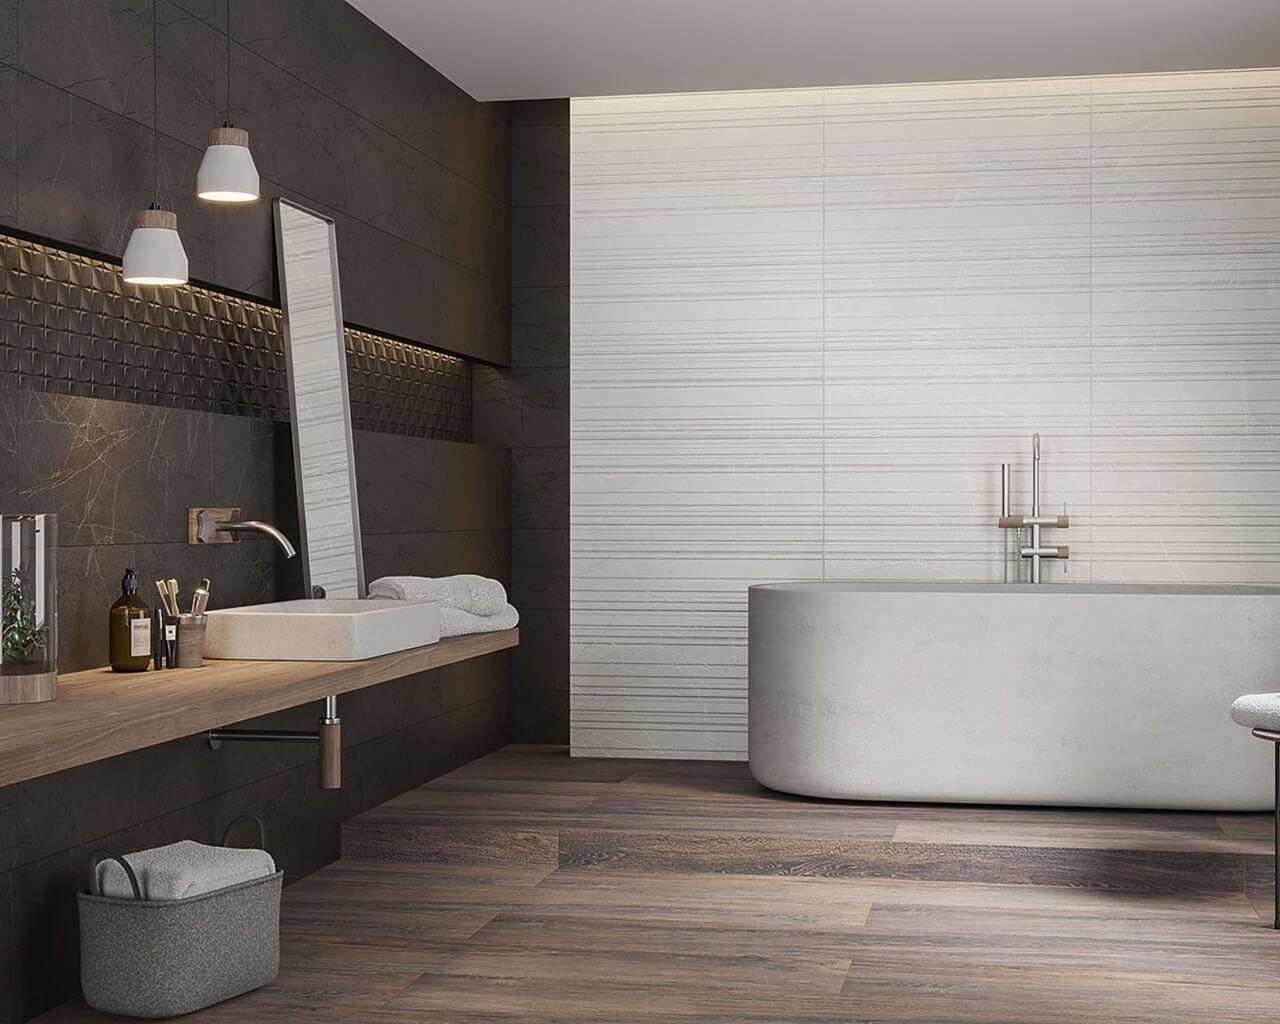 Grau Beige Textur Und Holz In Einem Modernen Badezimmer Ceramika Paradyz